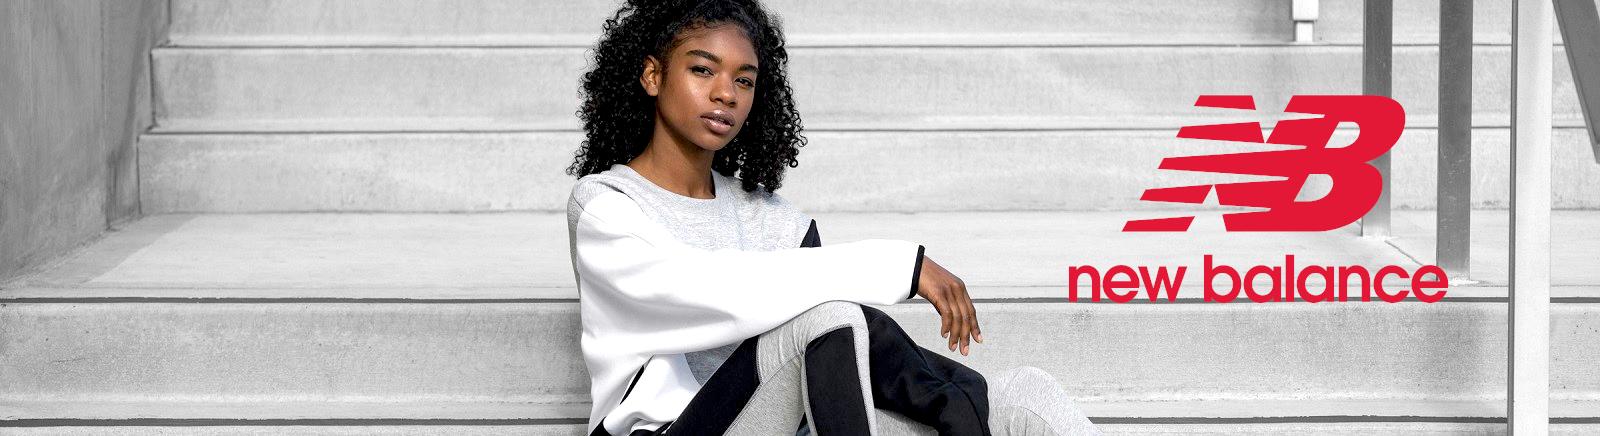 Juppen: New Balance Kinderschuhe online shoppen